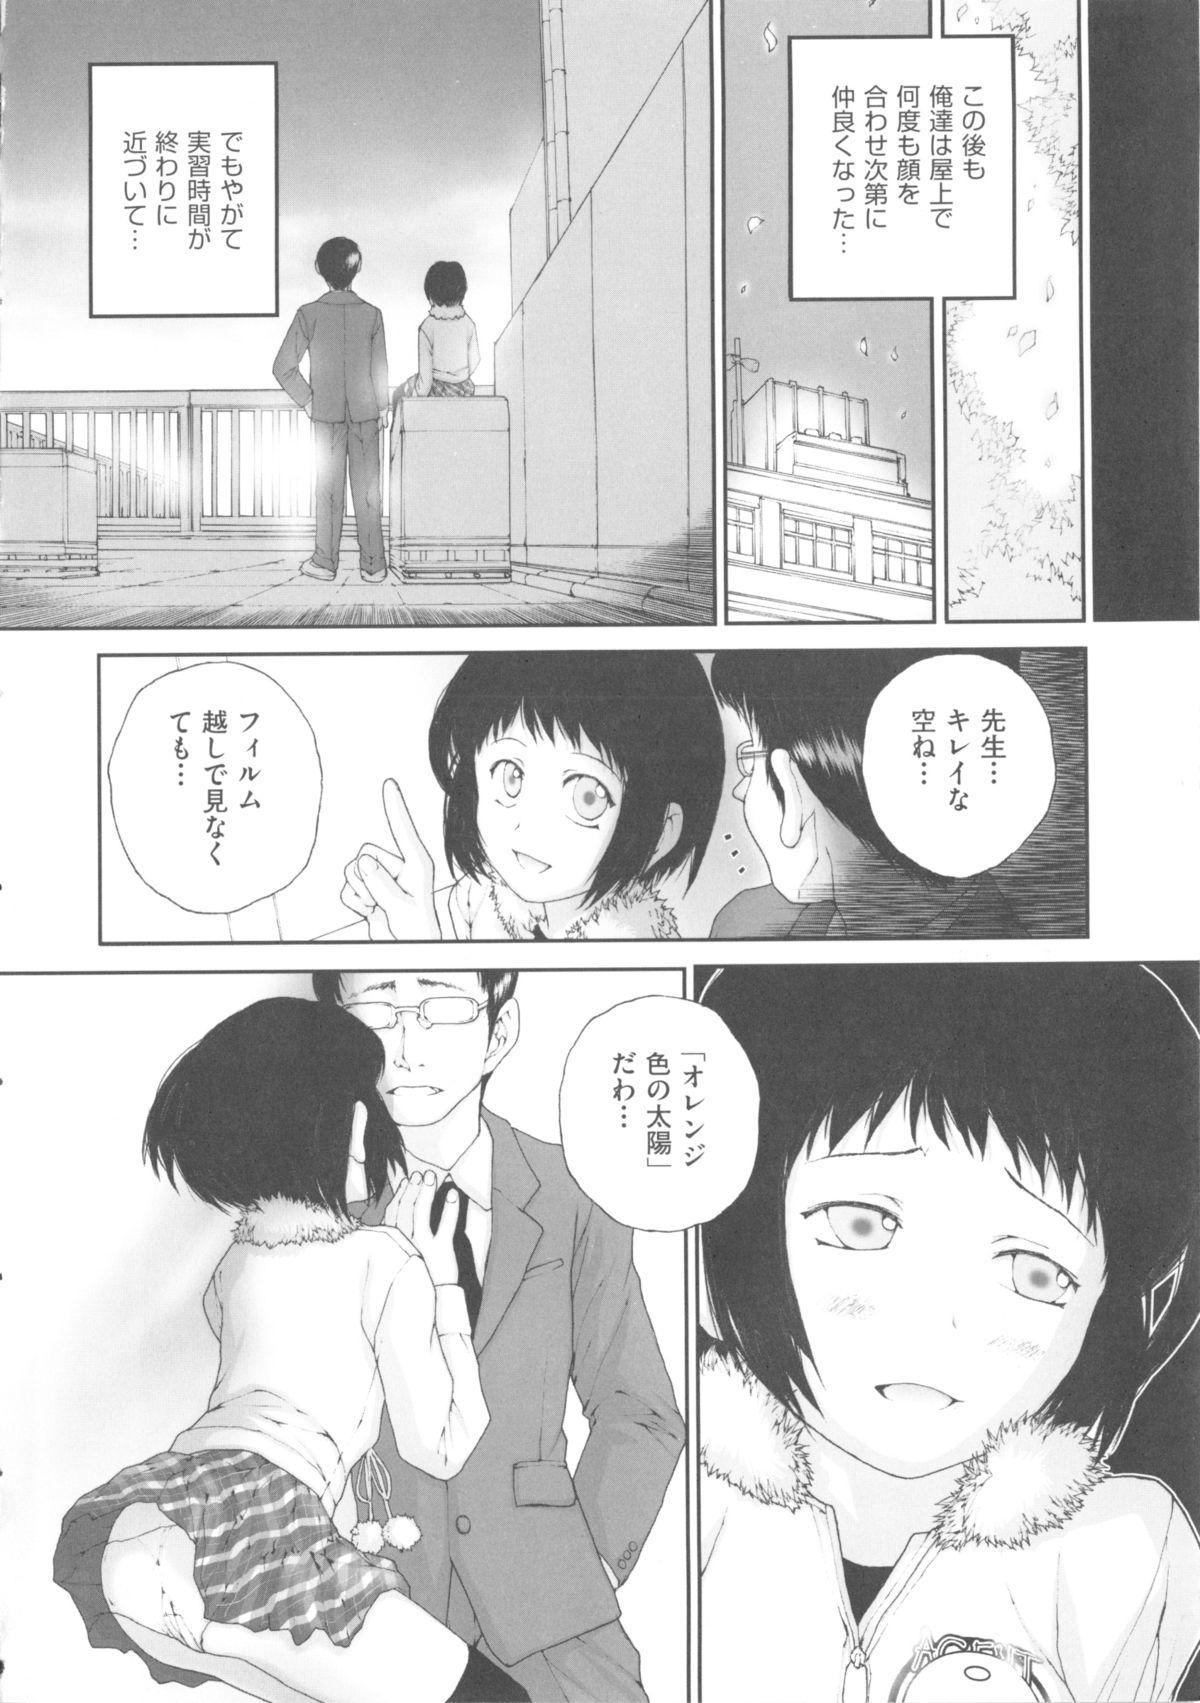 Comic Ino. 04 7